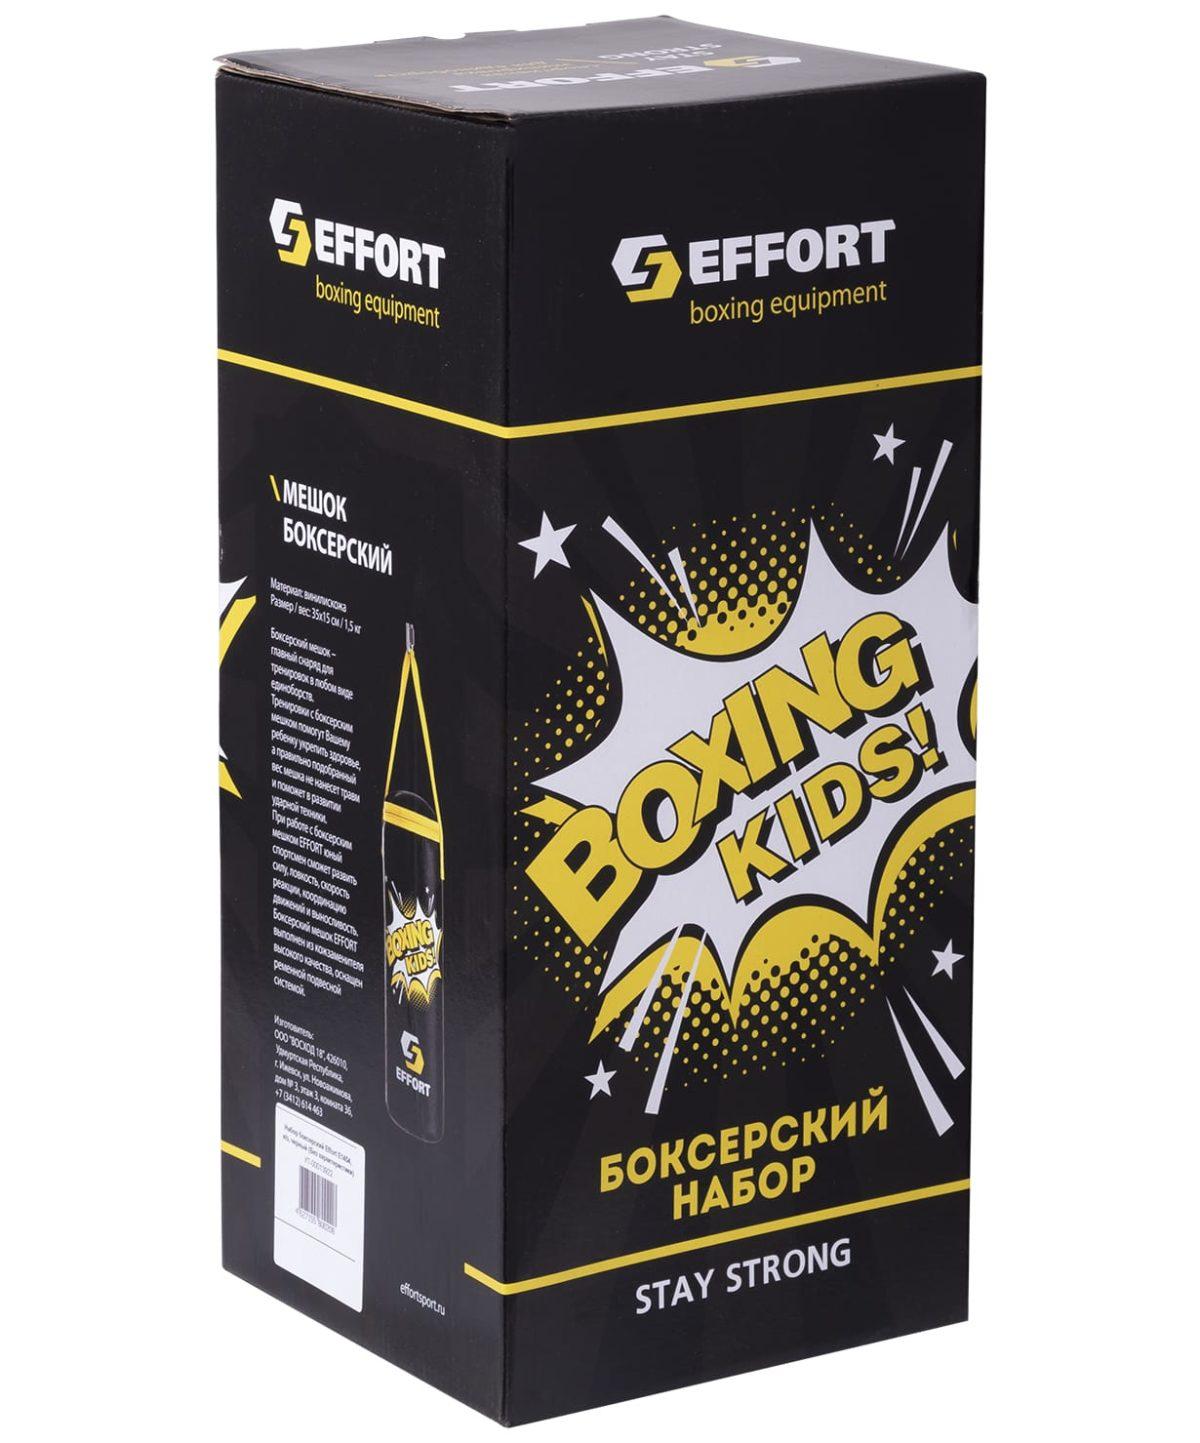 EFFORT Набор для бокса, к/з, черный 5кг  E1455 - 2